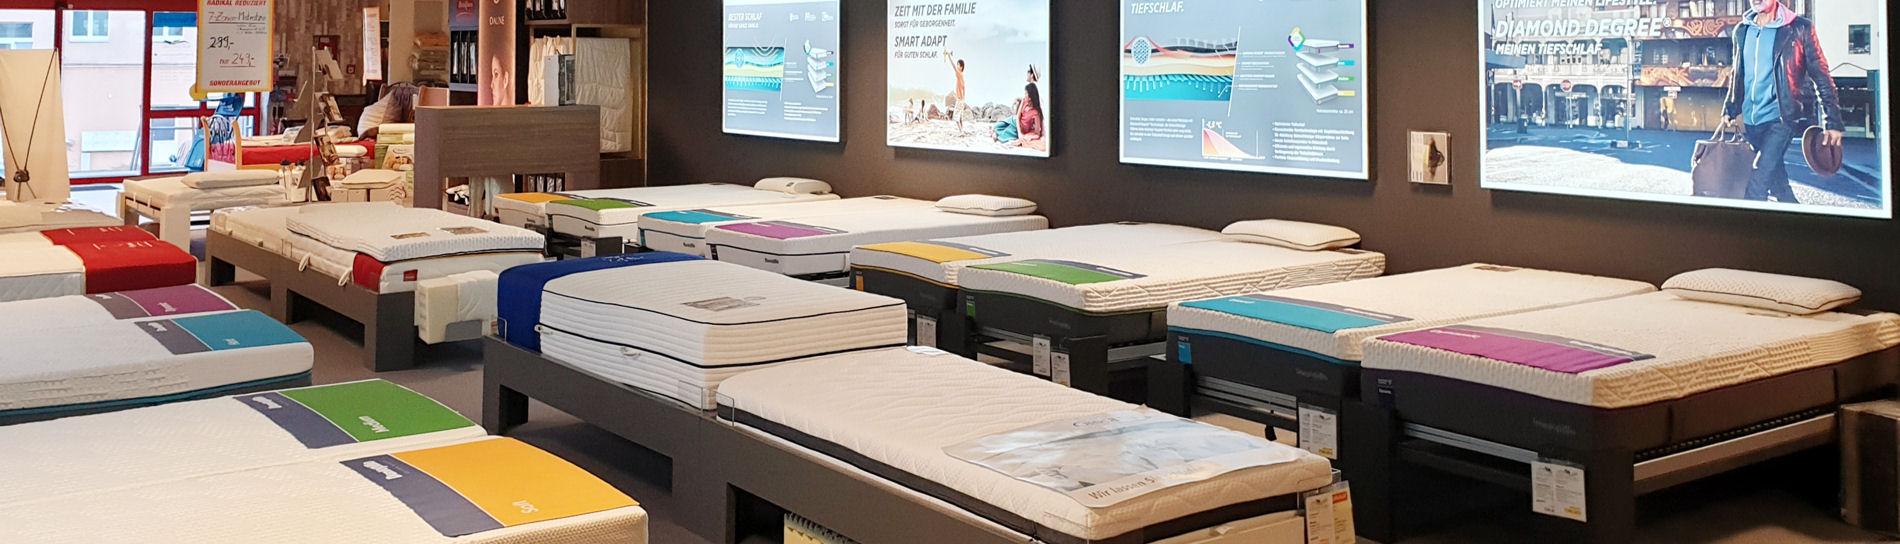 Full Size of Computer Liegedruck Vermessung Im Schlafstudio Lbau Bett Www.betten.de